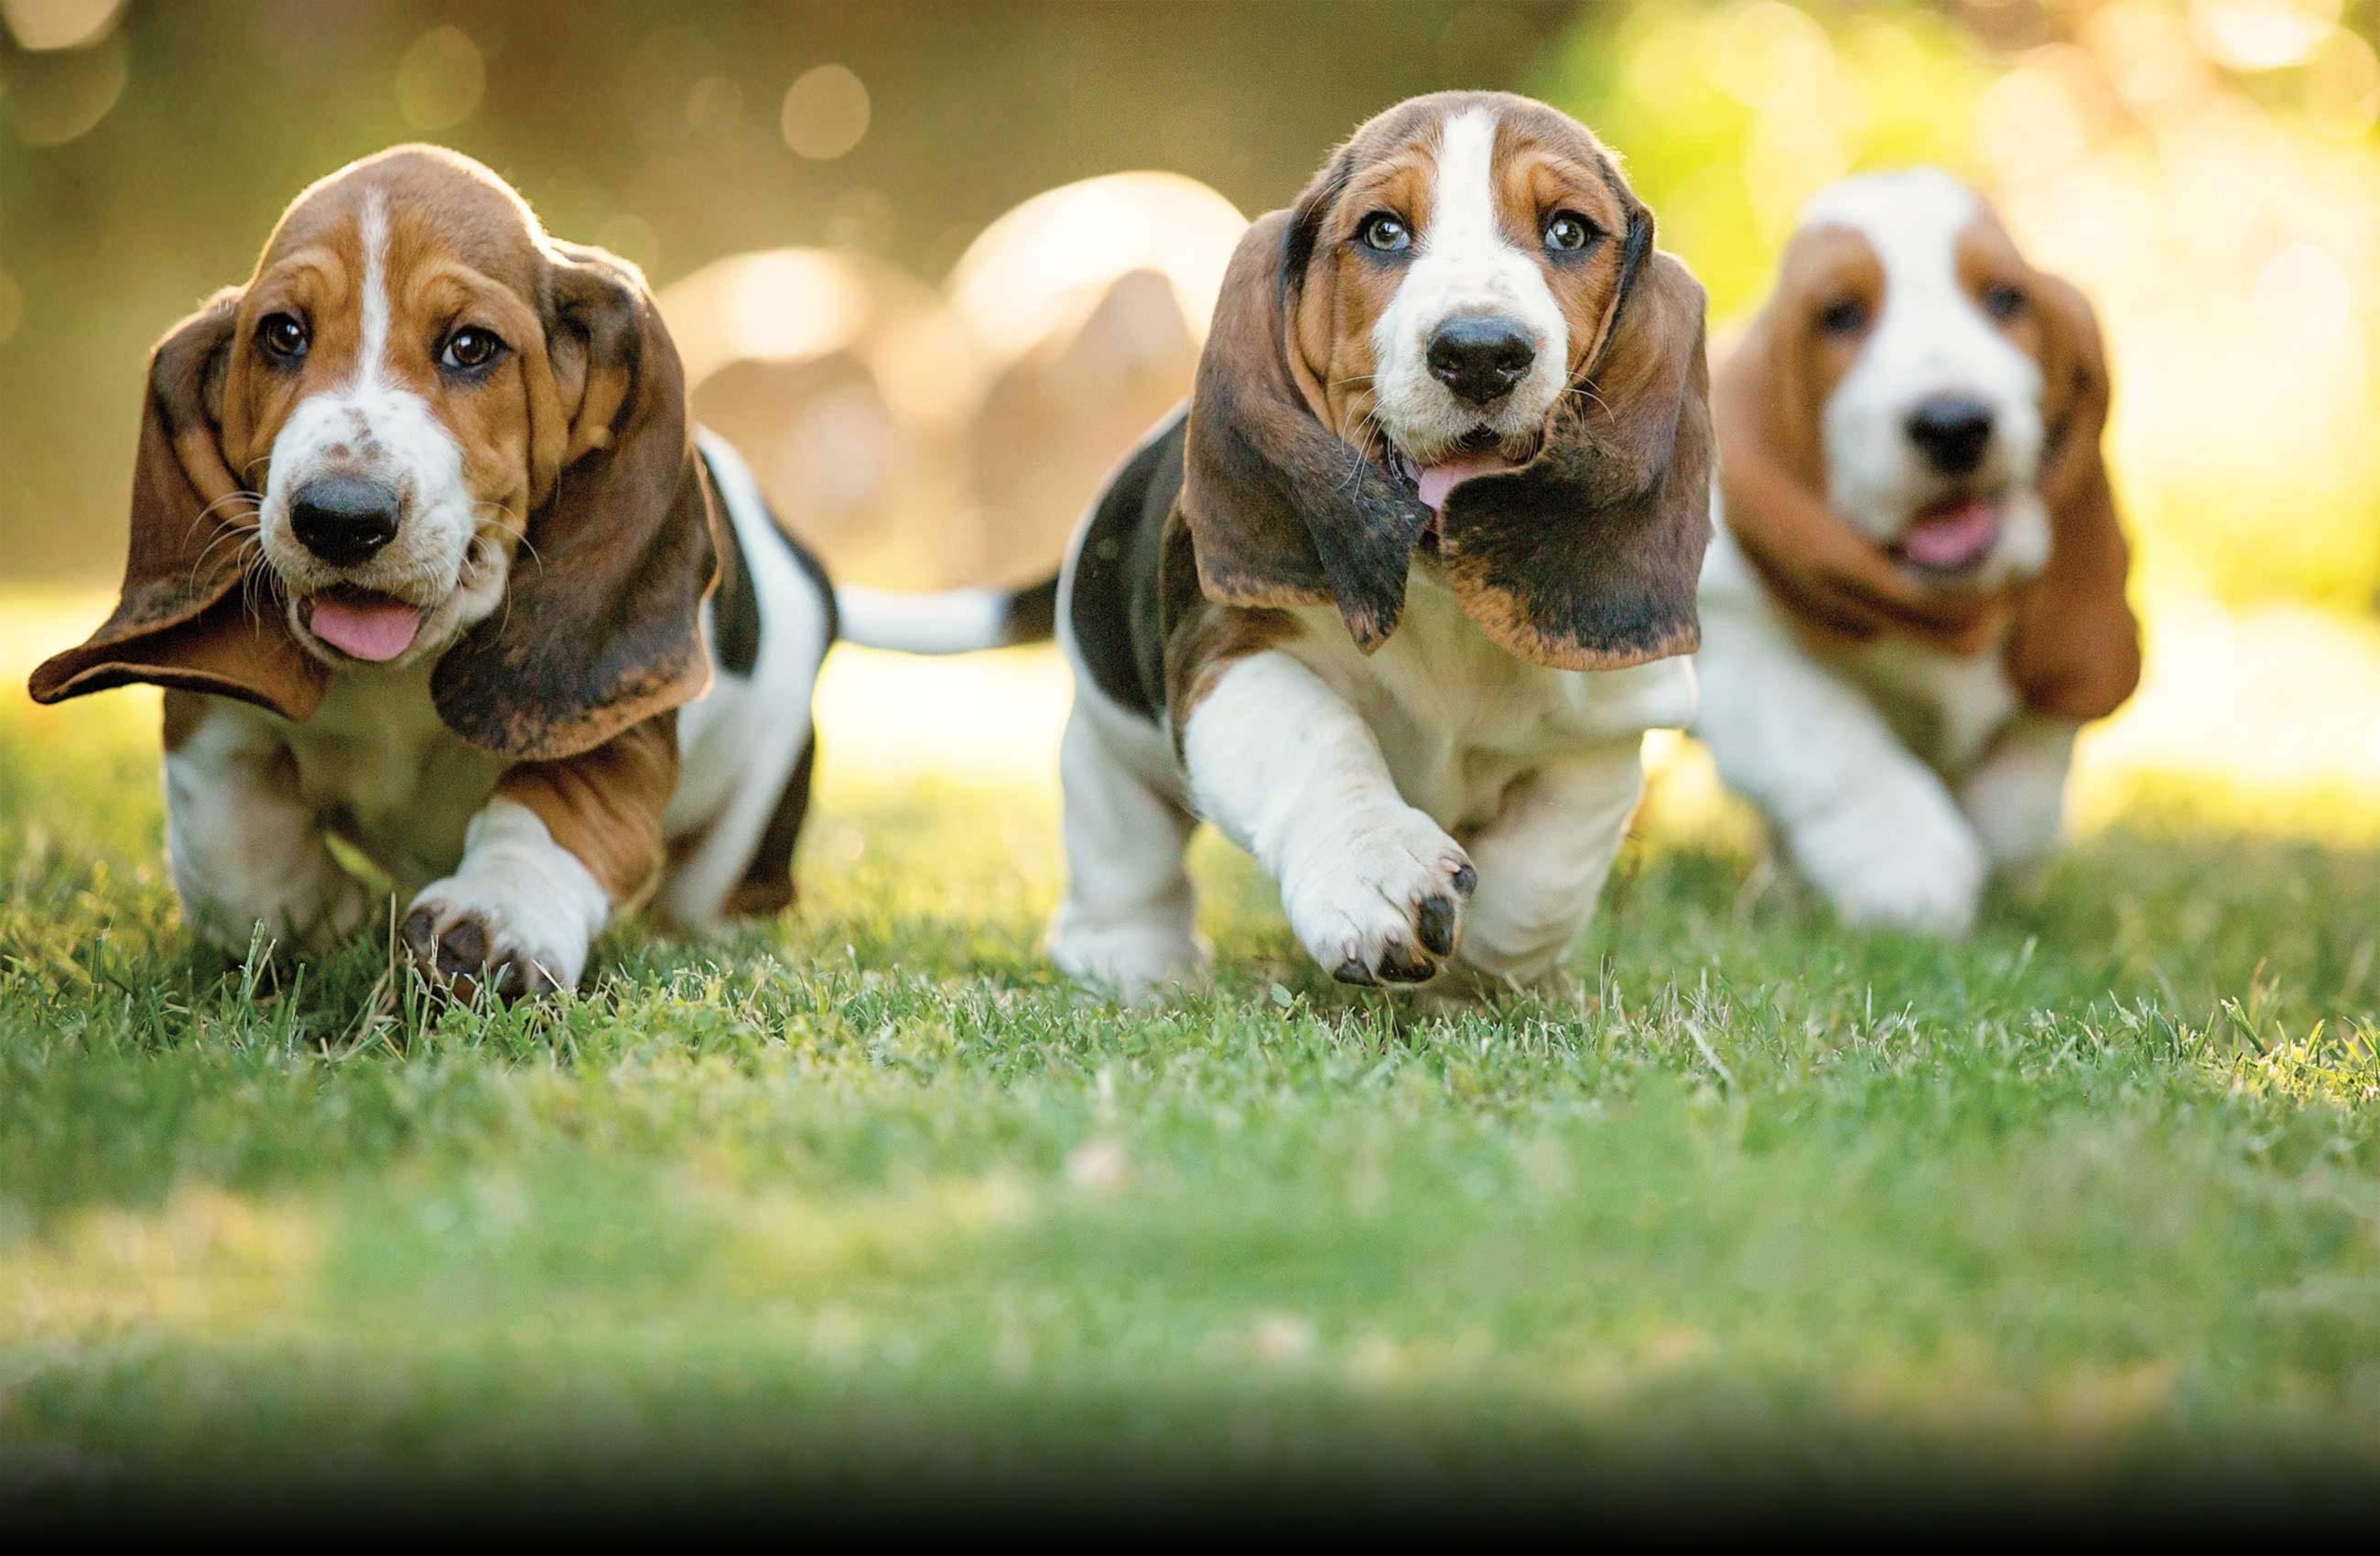 Three basset hound puppies running in grass field